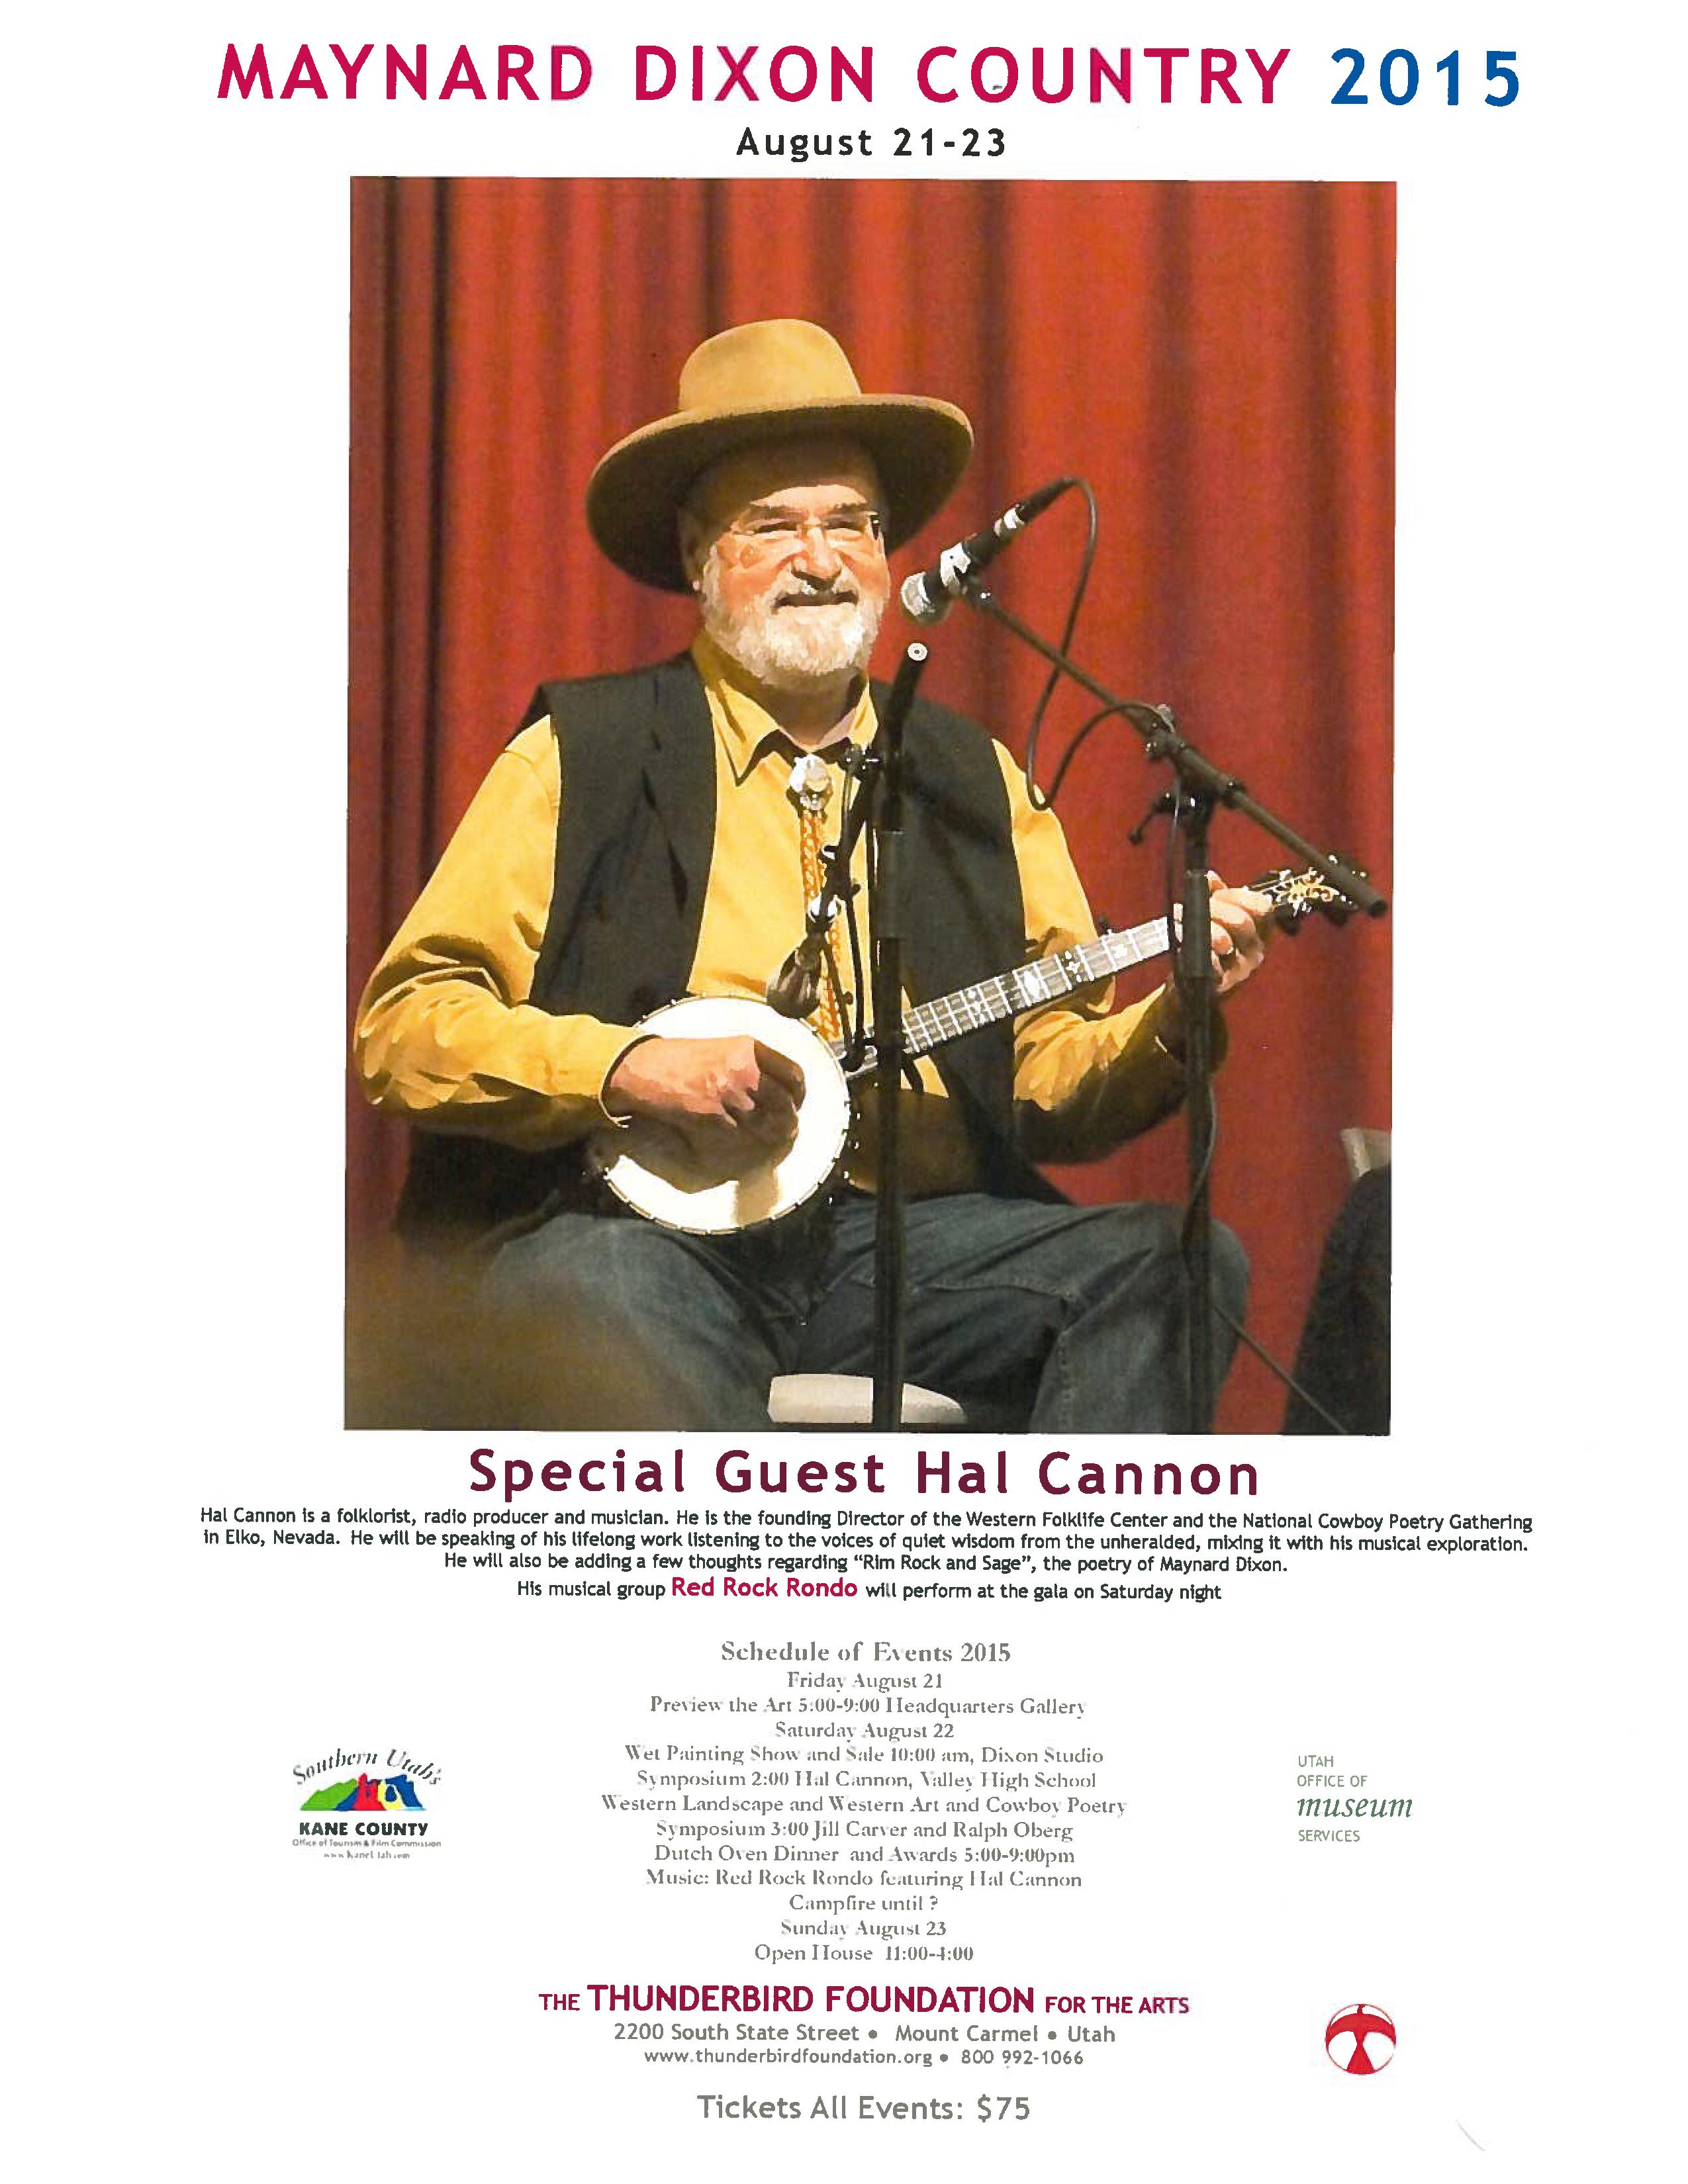 Maynard Dixon Country symposium flyer | Image courtesy of the symposium, St. George News